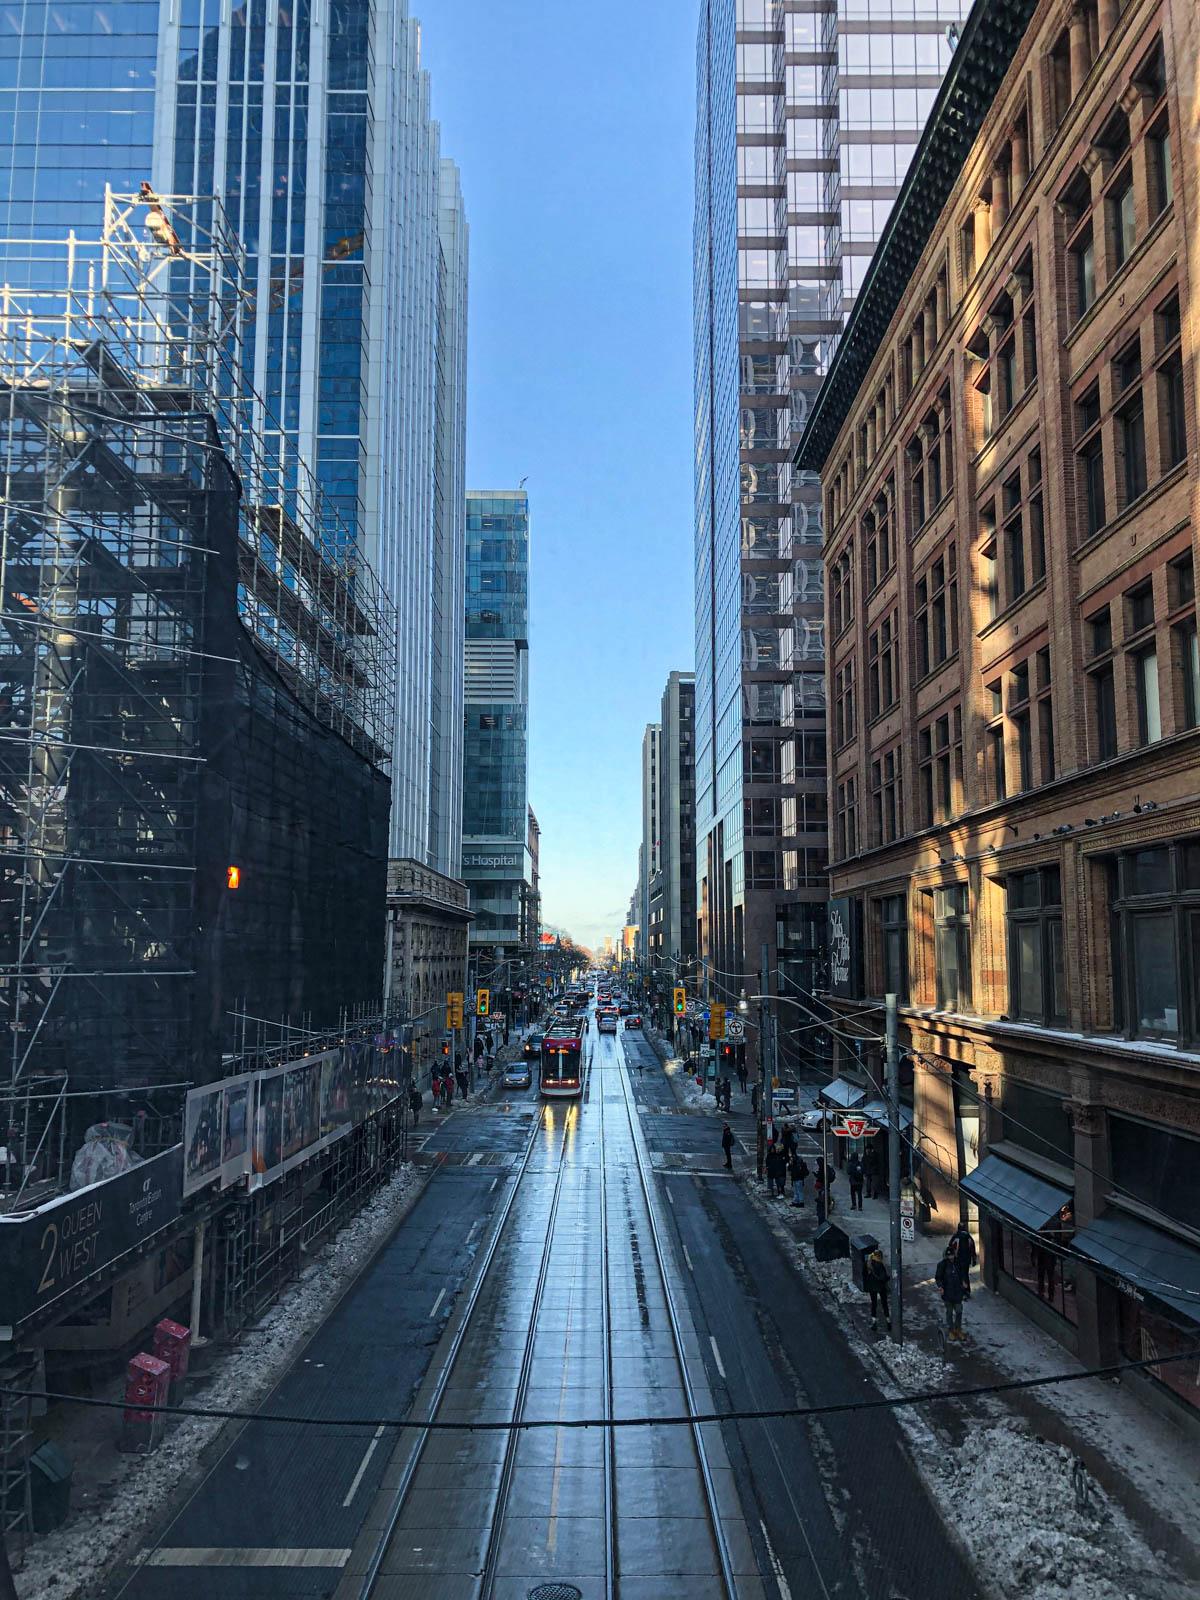 comparer-toronto-aux-autres-villes-canadiennes